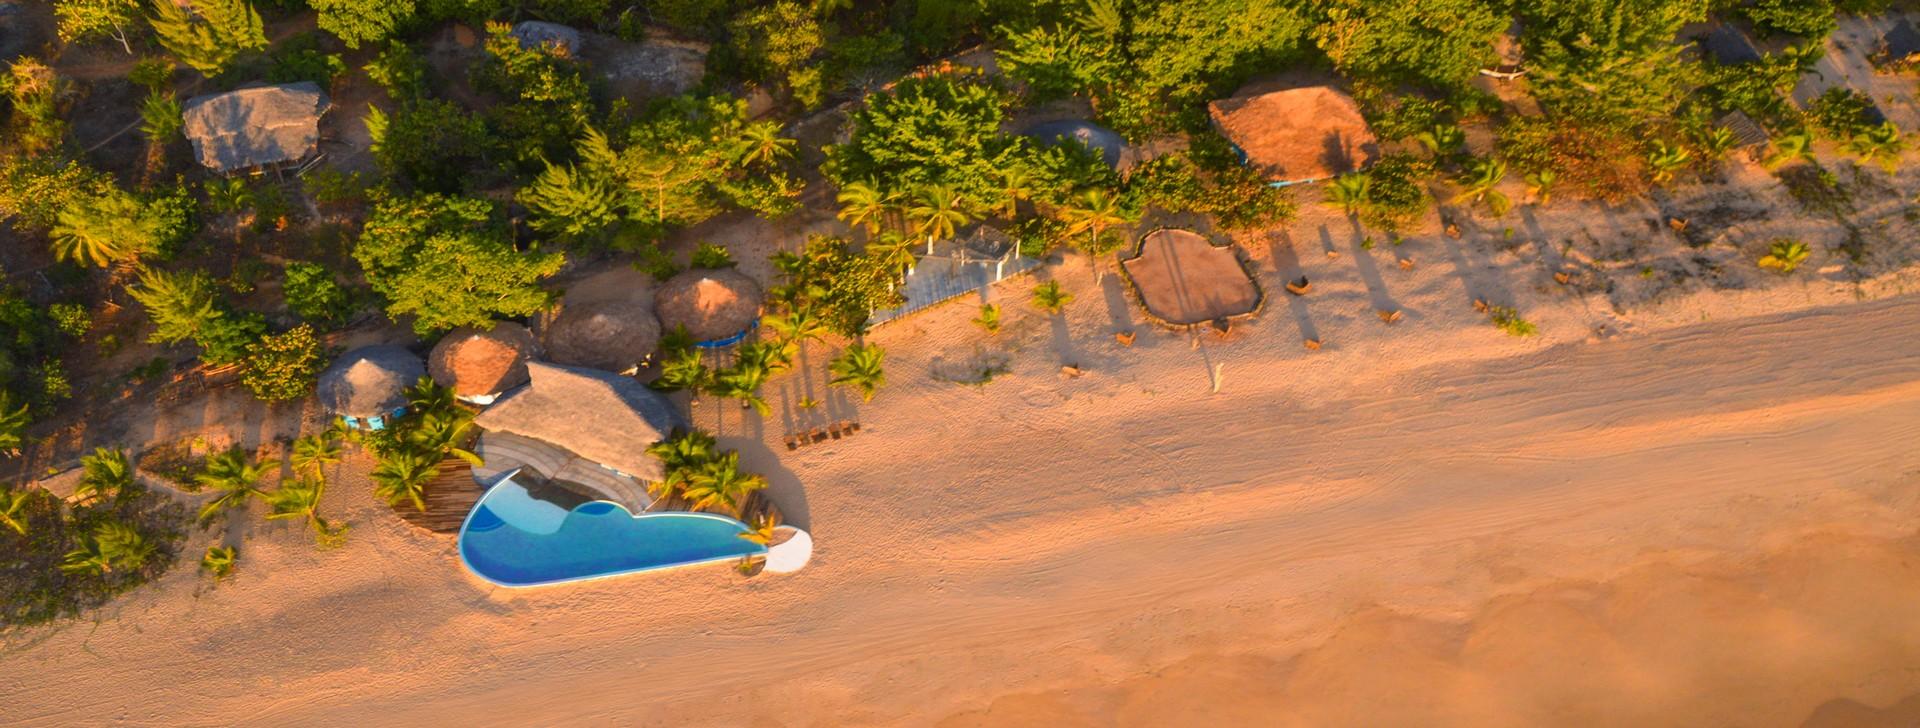 coco-beach-nosybe